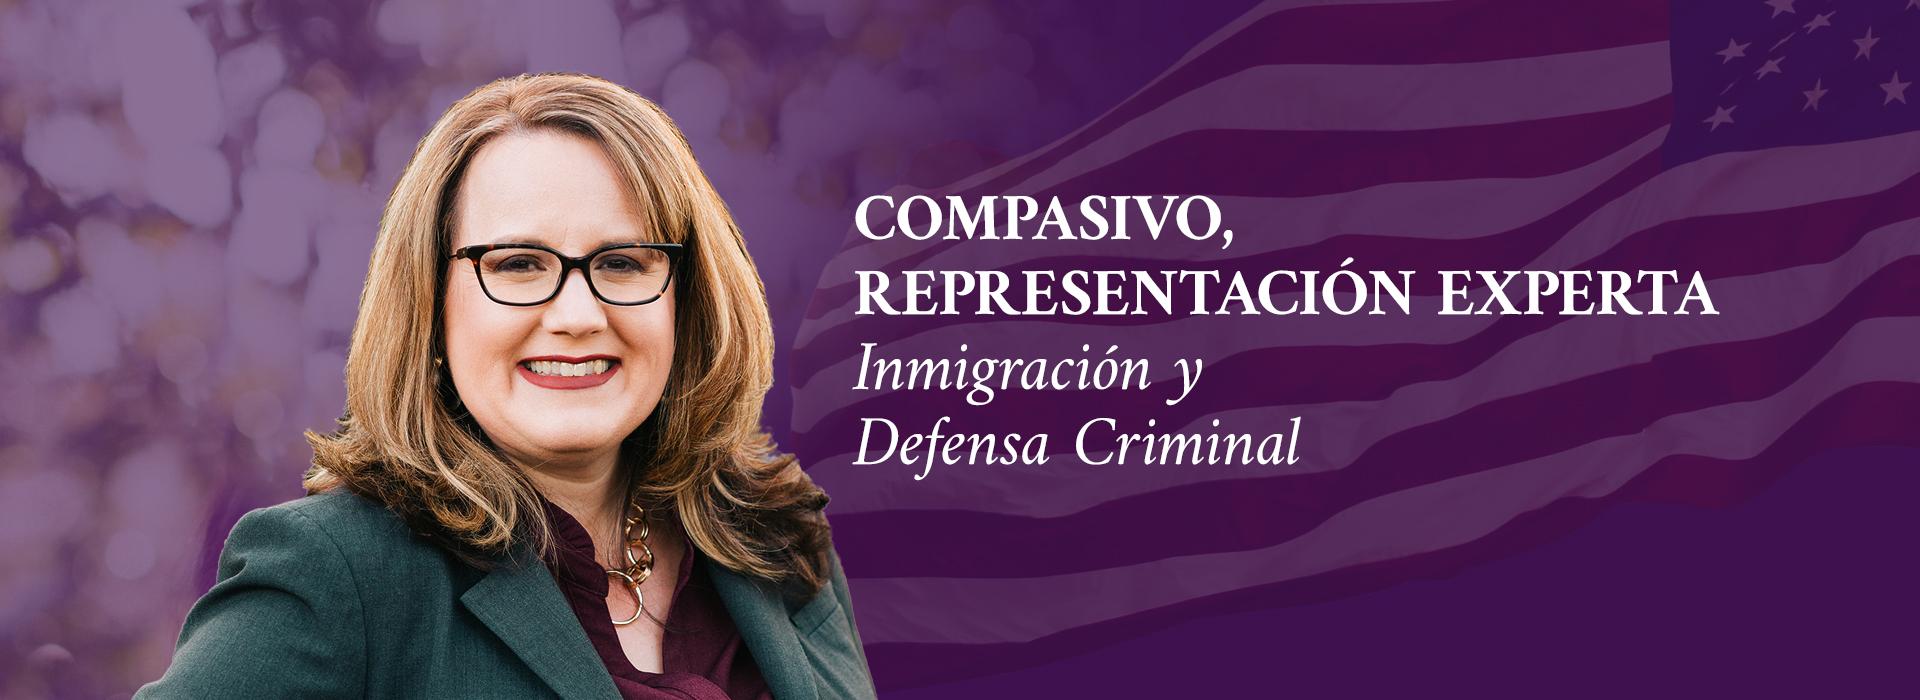 immigration law eugene